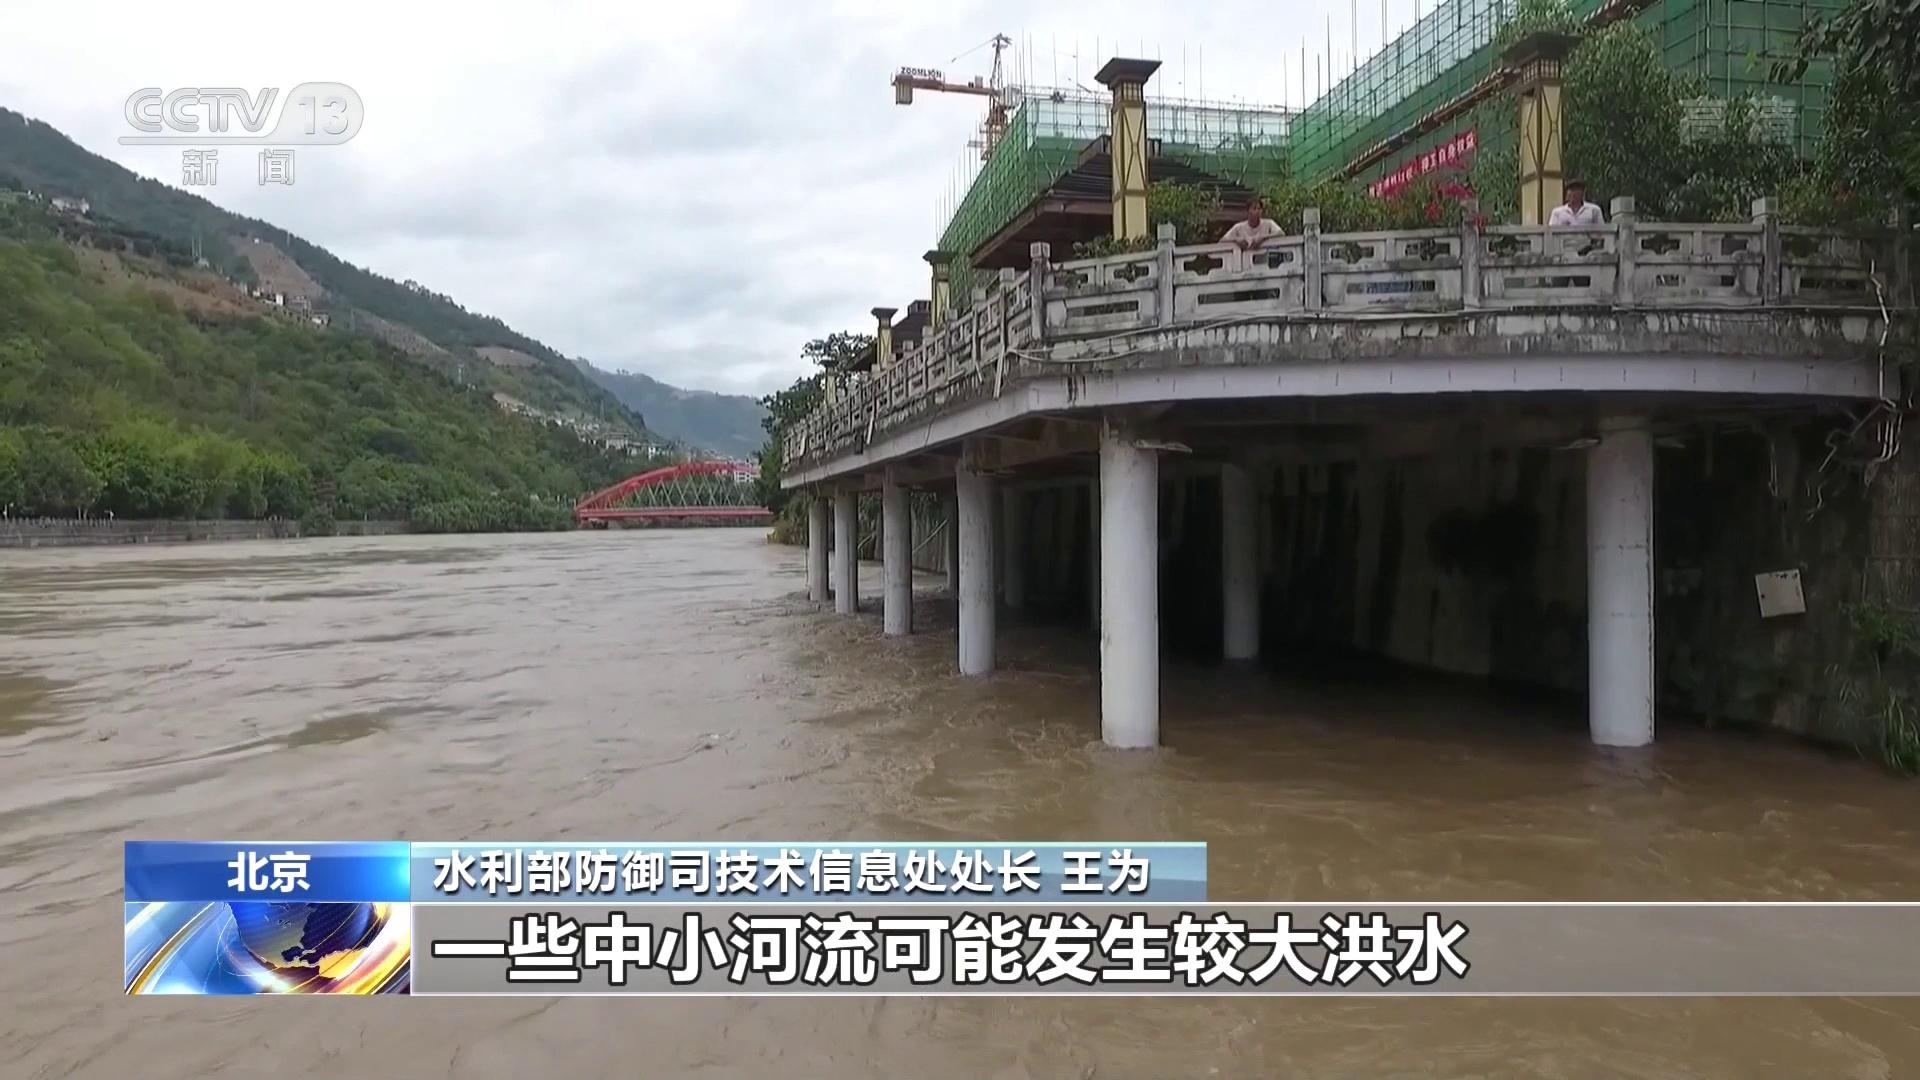 水利部:强降雨或致部分中小河流发生较大洪水图片